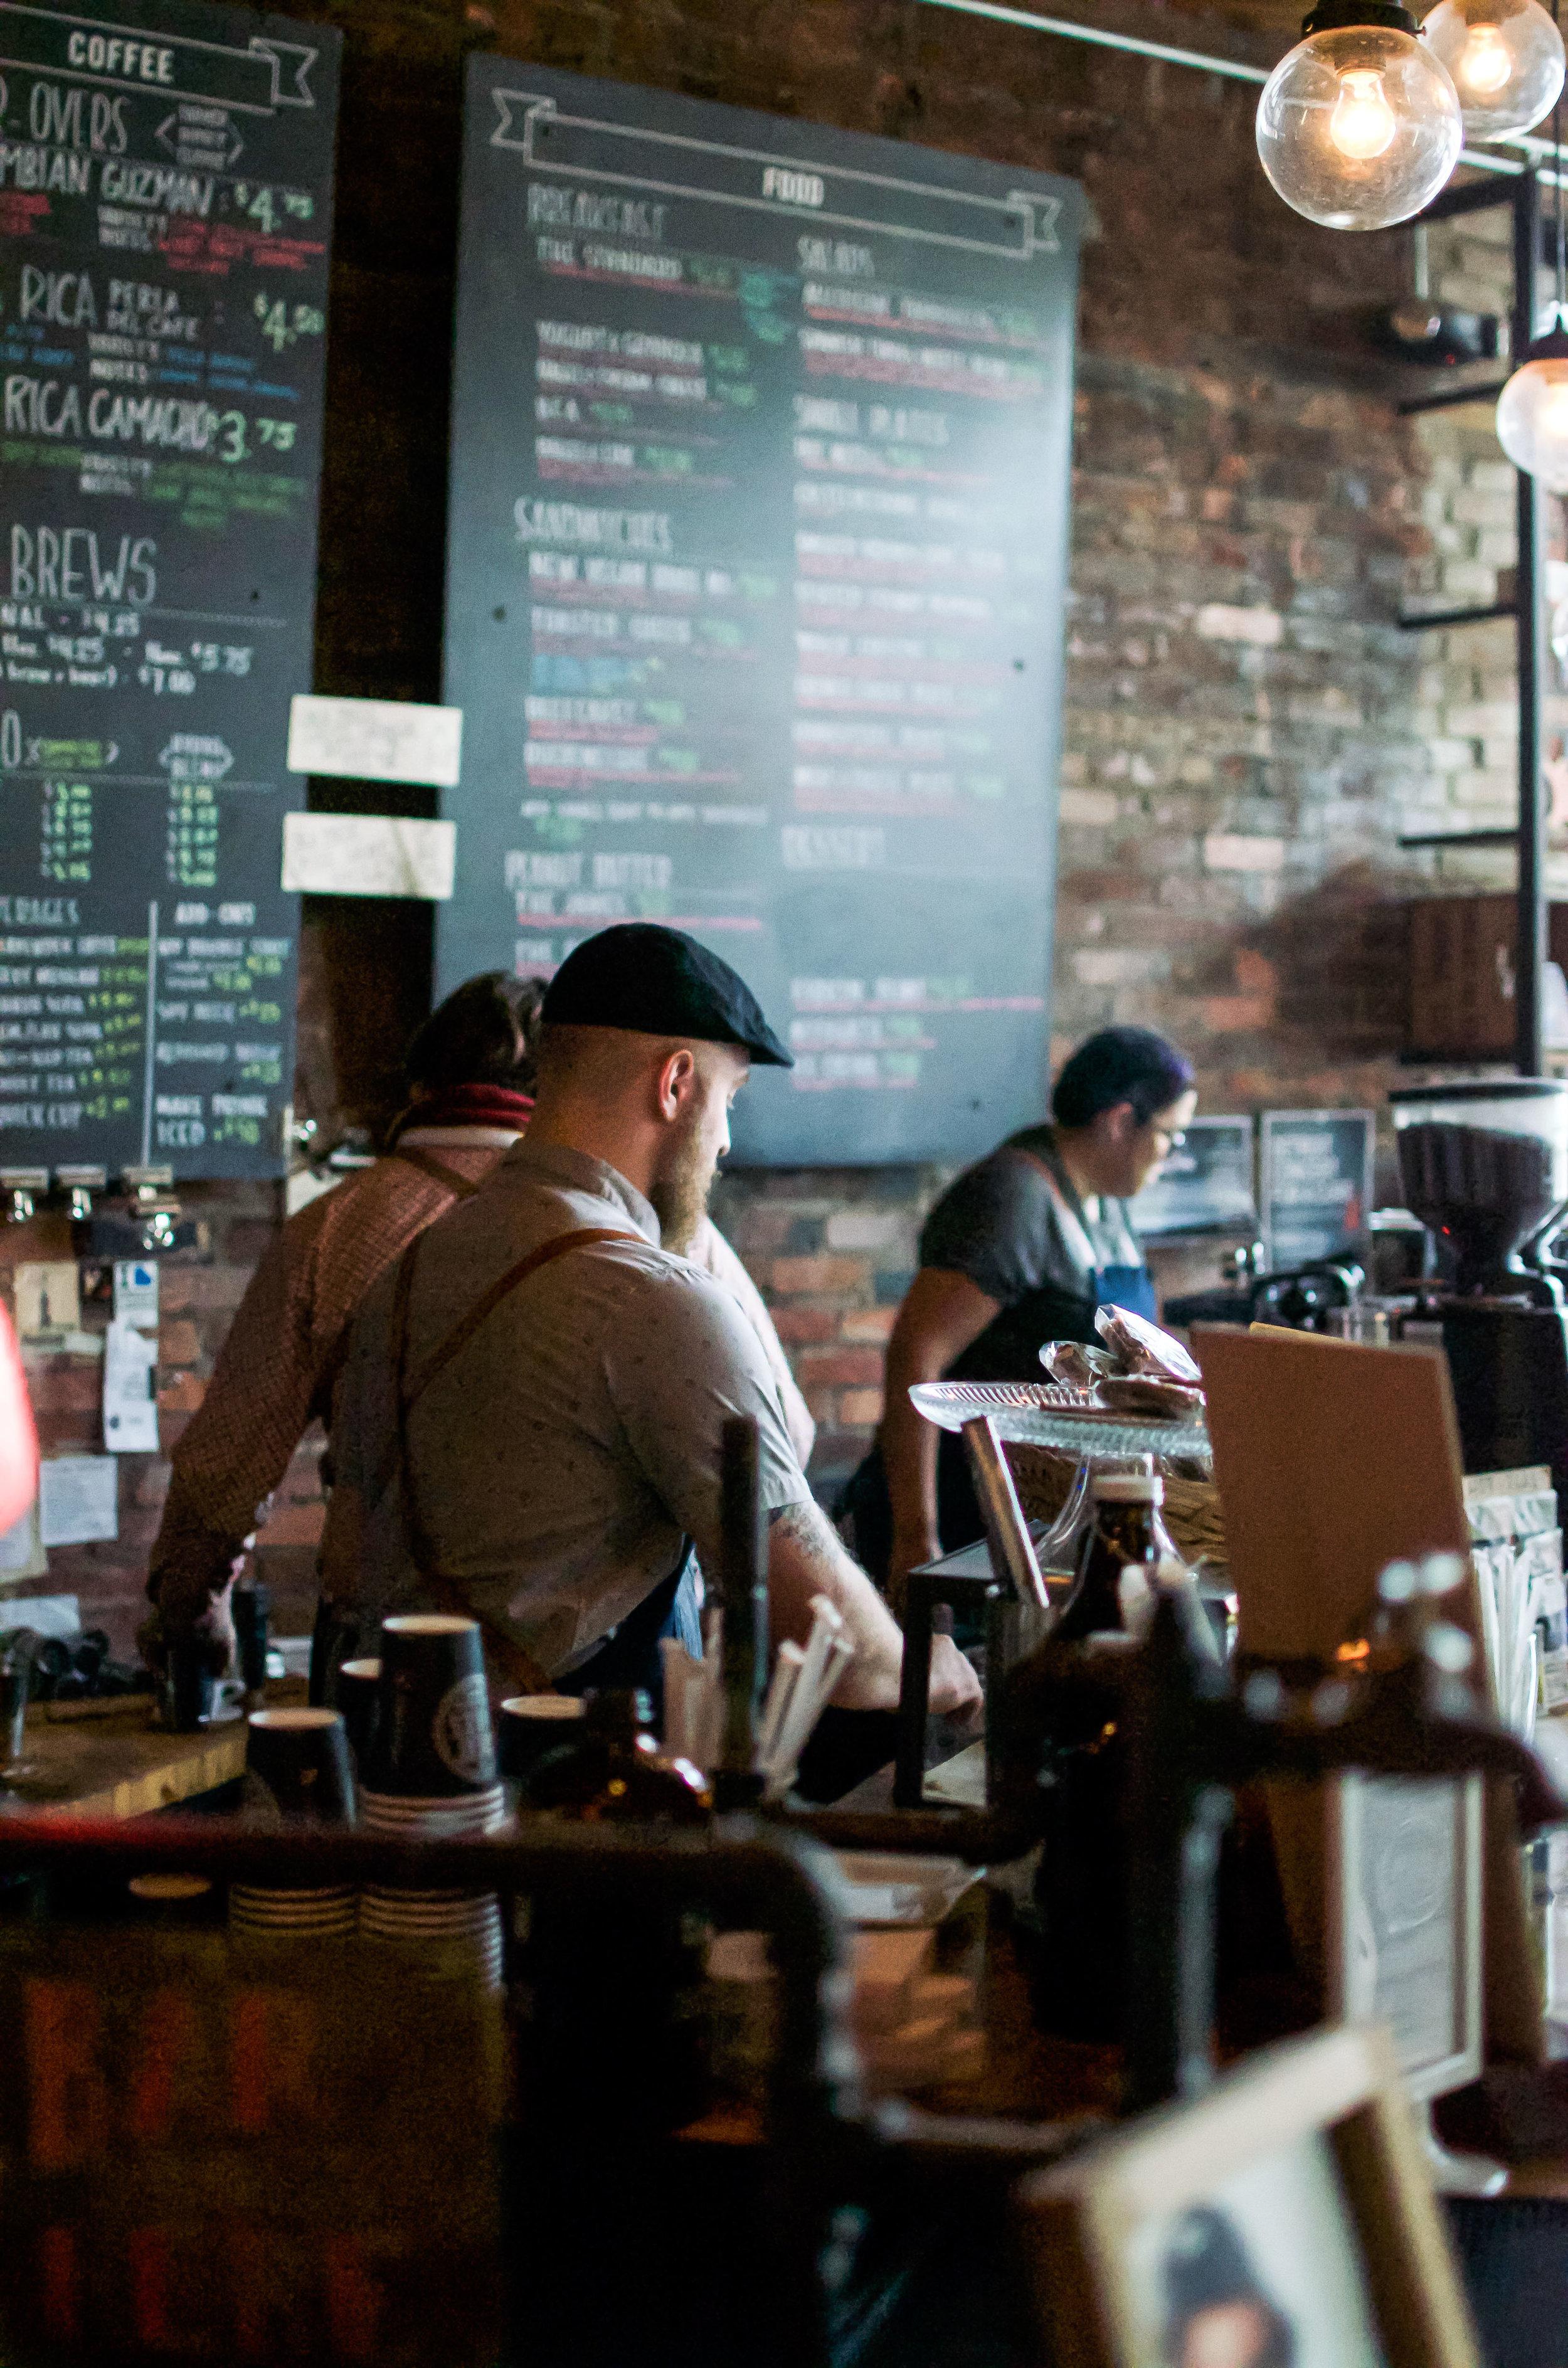 Wendling_Boyd_Great_Lakes_Coffee_Co_Detroit-3.jpg